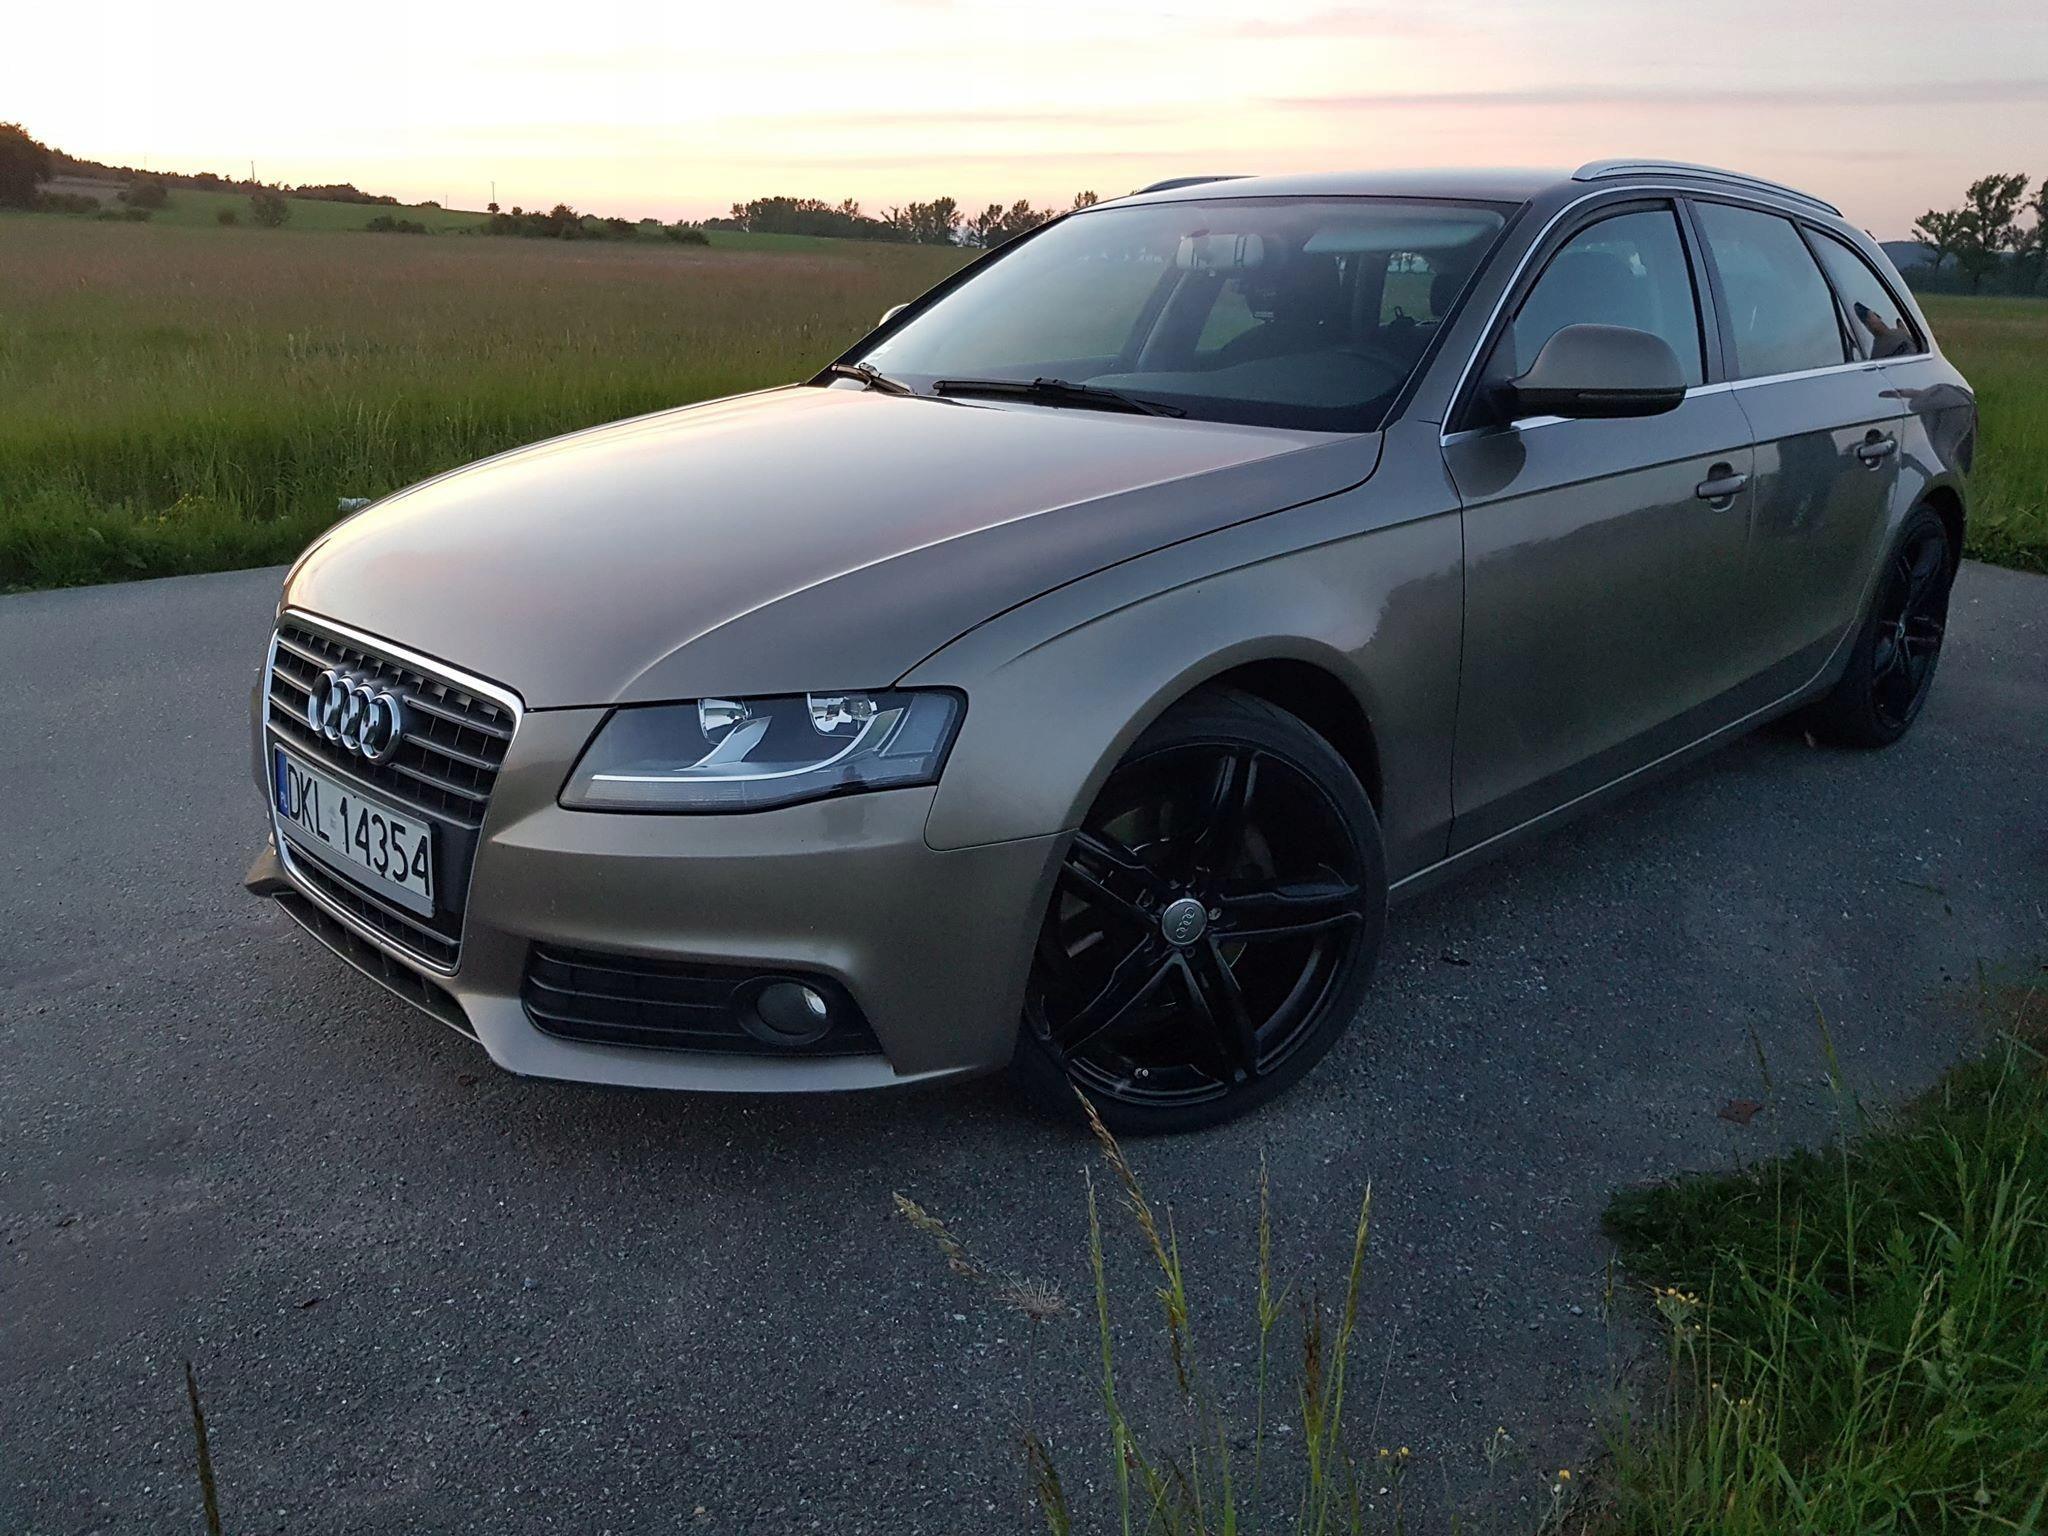 Kelebihan Kekurangan Audi A4 B8 2009 Perbandingan Harga